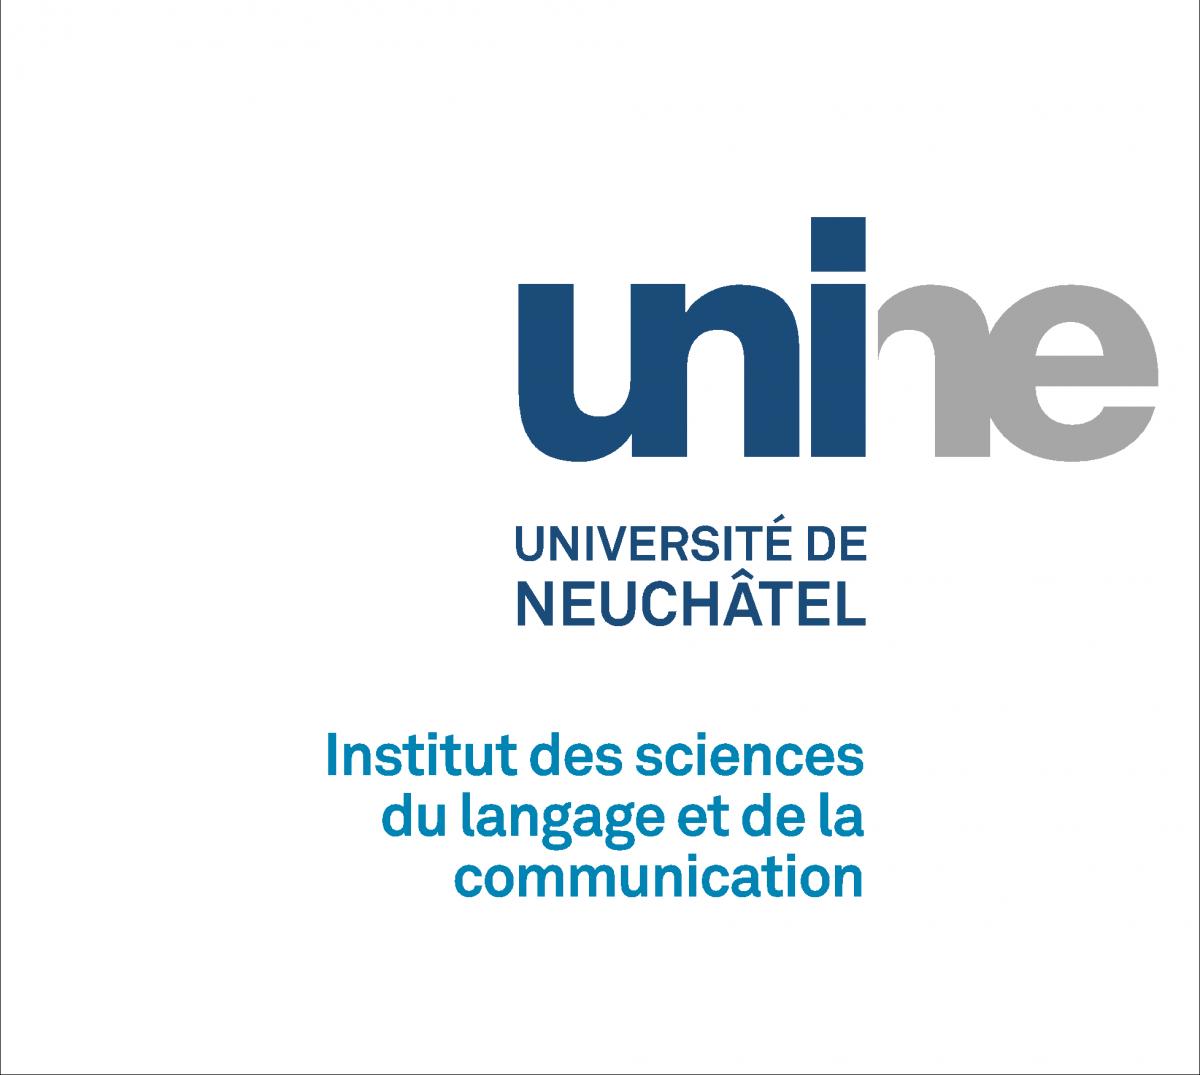 logo Uniwersytetu w Neuchâtel